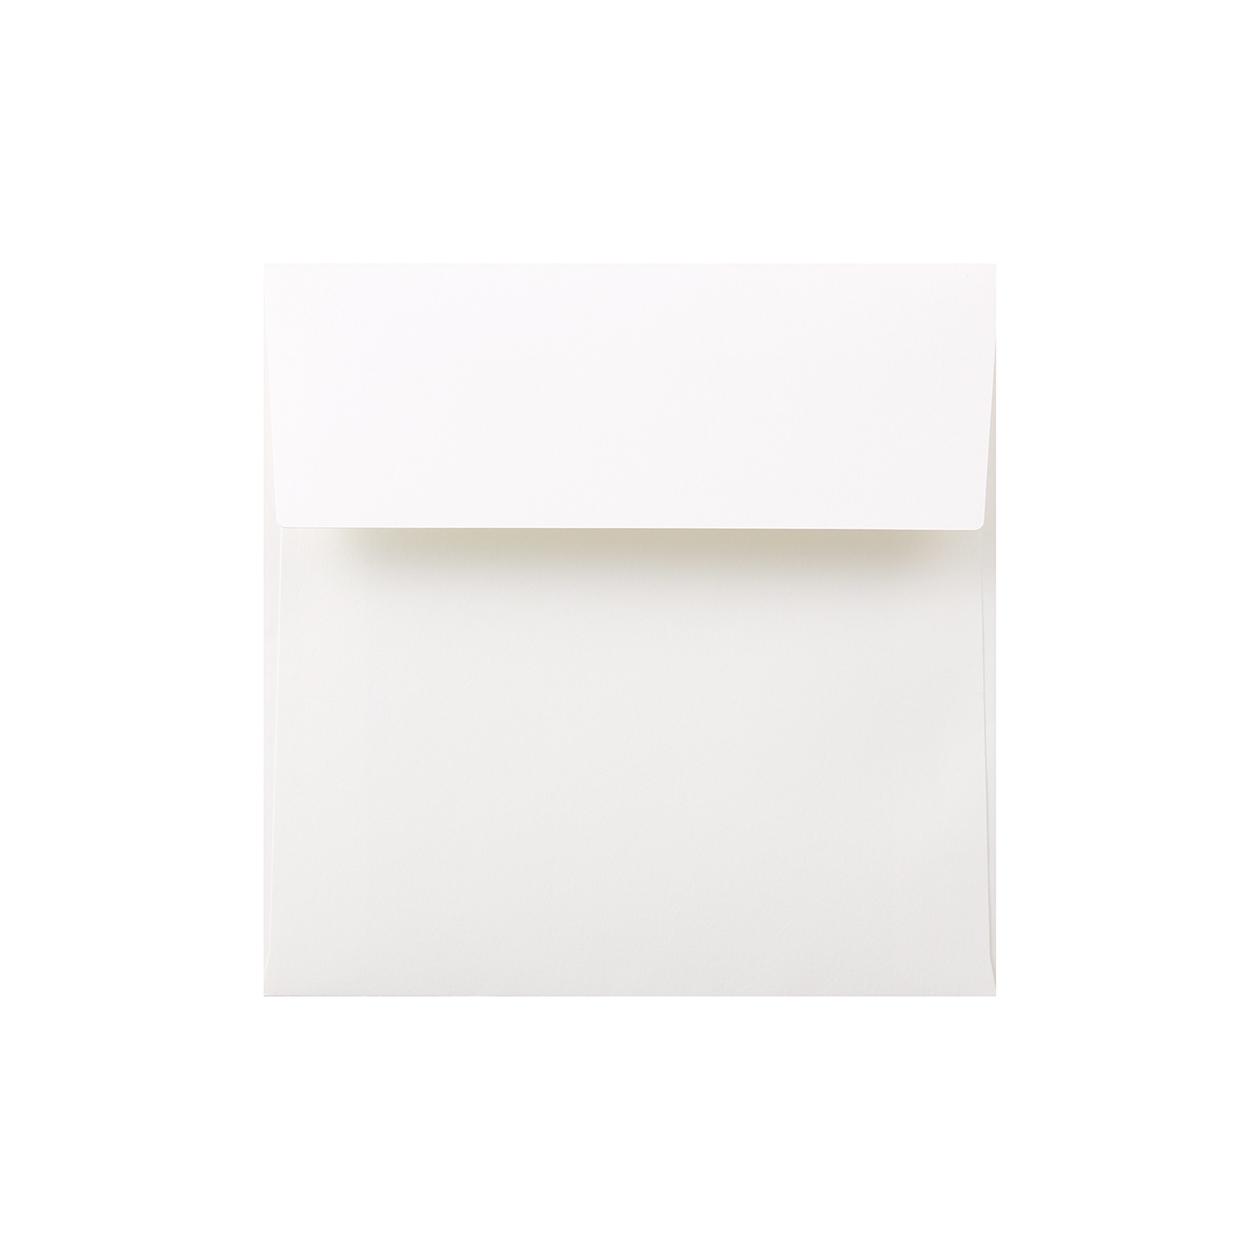 SE16カマス封筒 コットン スノーホワイト 139.5g